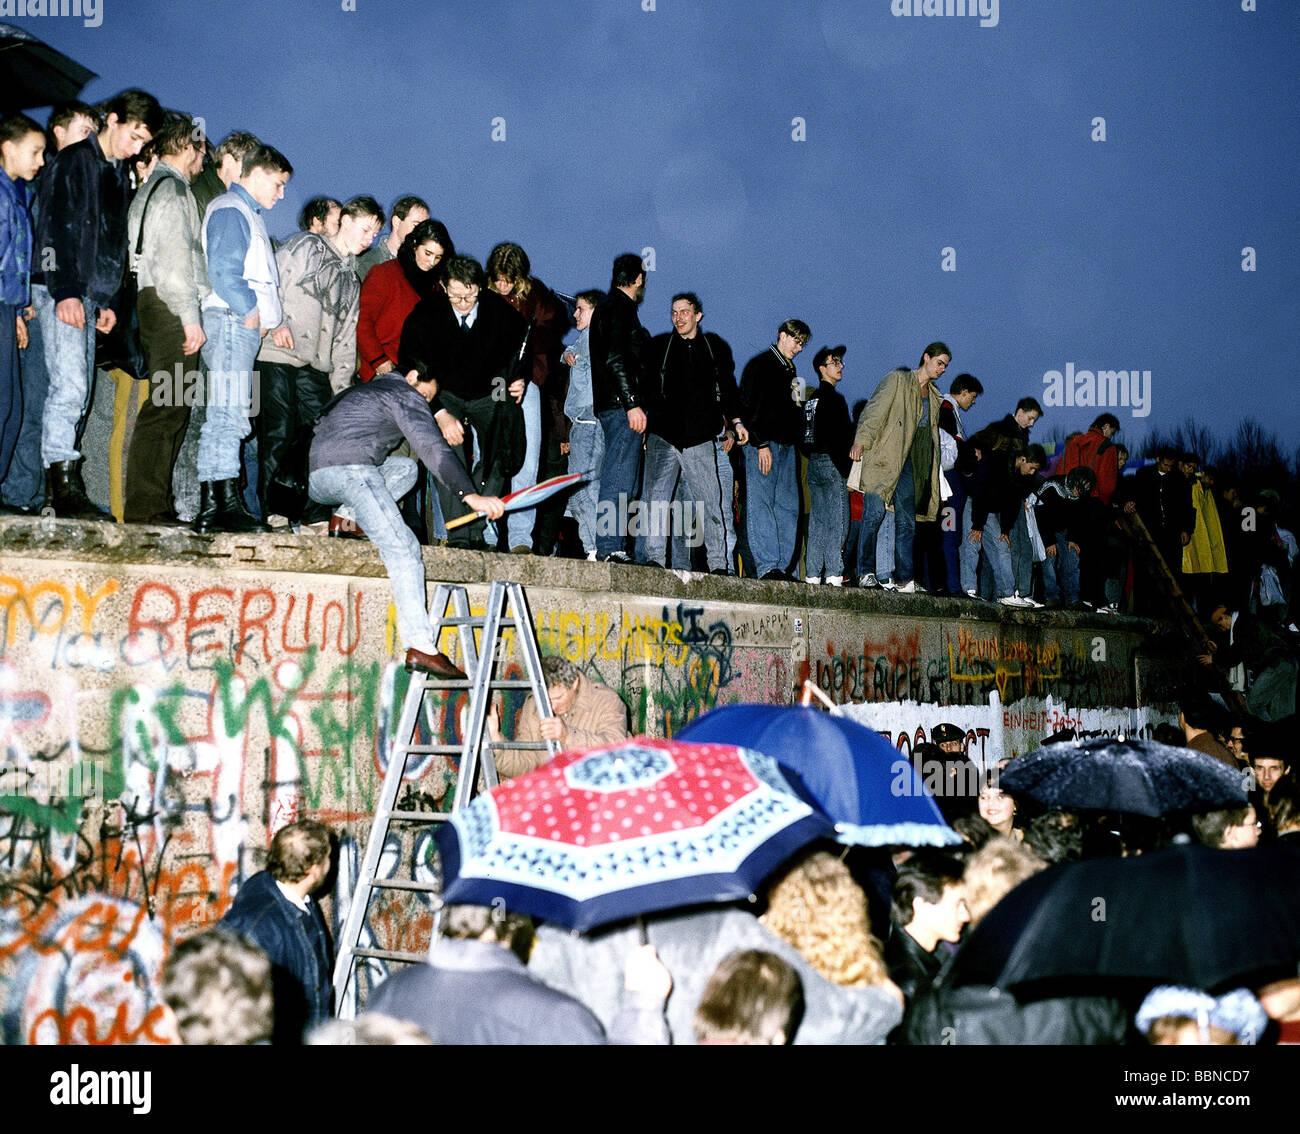 Geographie/Reisen, Deutschland, Fall der Berliner Mauer, die Menschen auf der Mauer, Berlin, 9.11.1989, historische, Stockbild